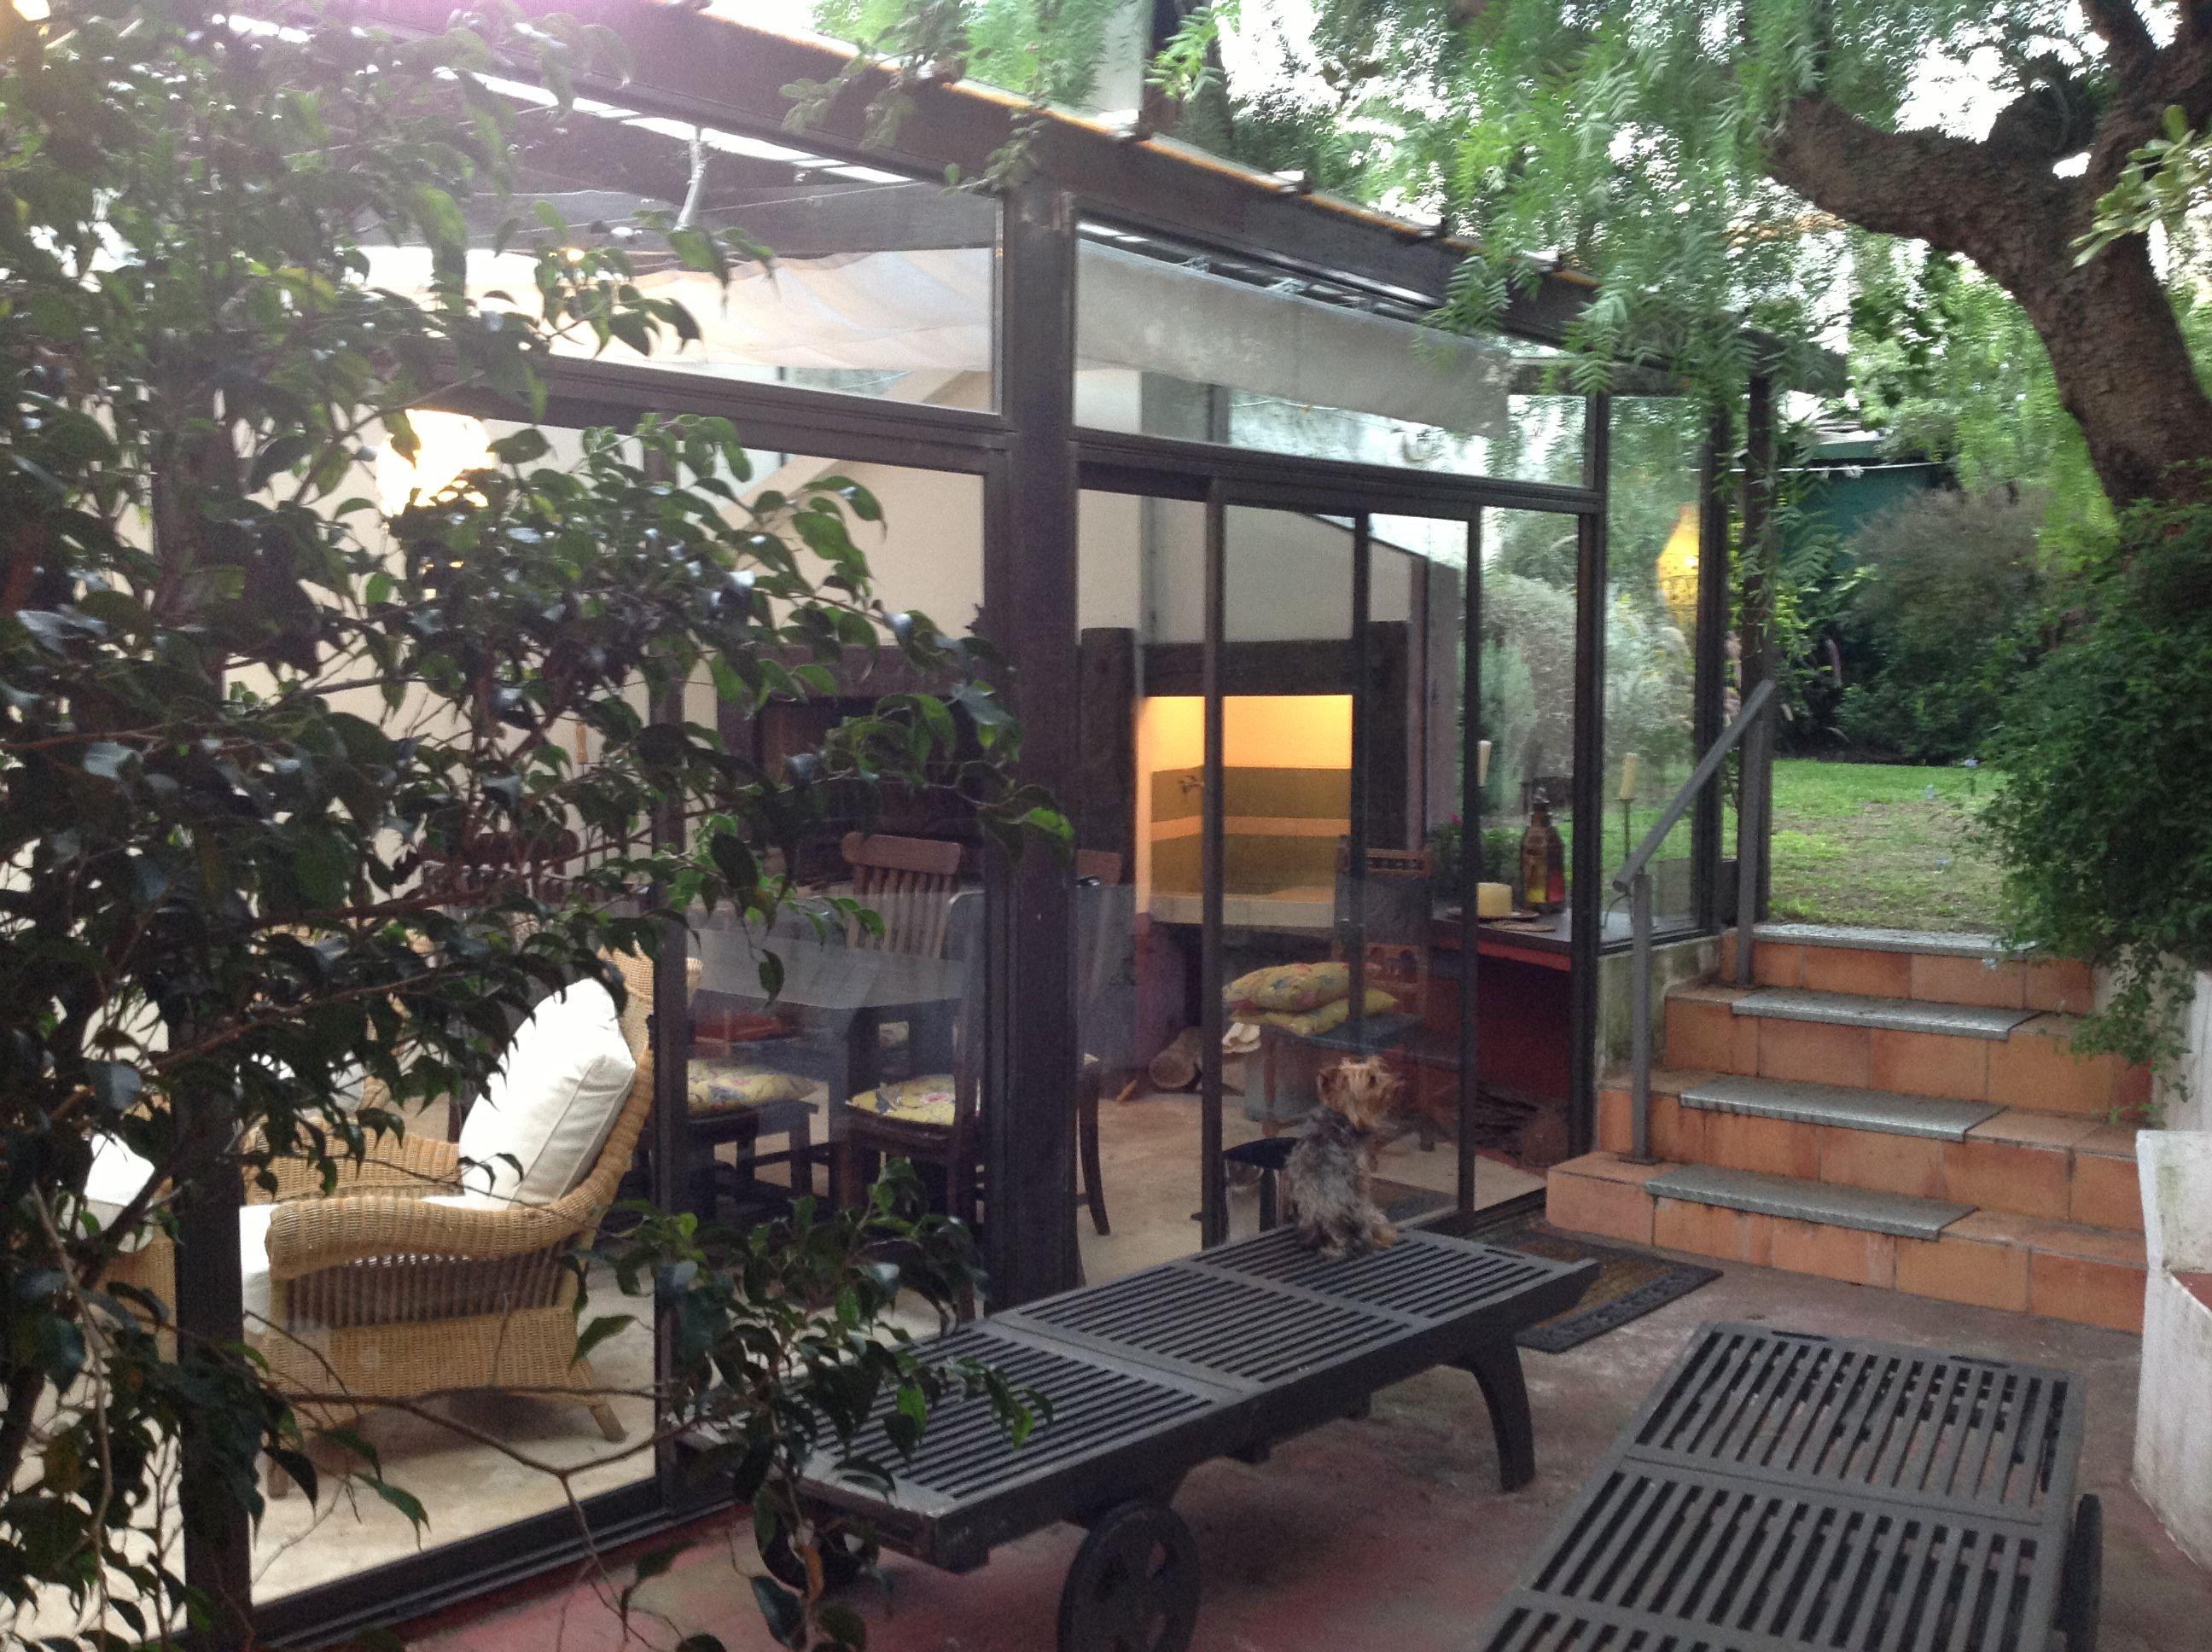 aBrbacoa en mi posada silvabur@gmail.com  Montevideo frente a los veleros, 2 suites, un dormitorio.